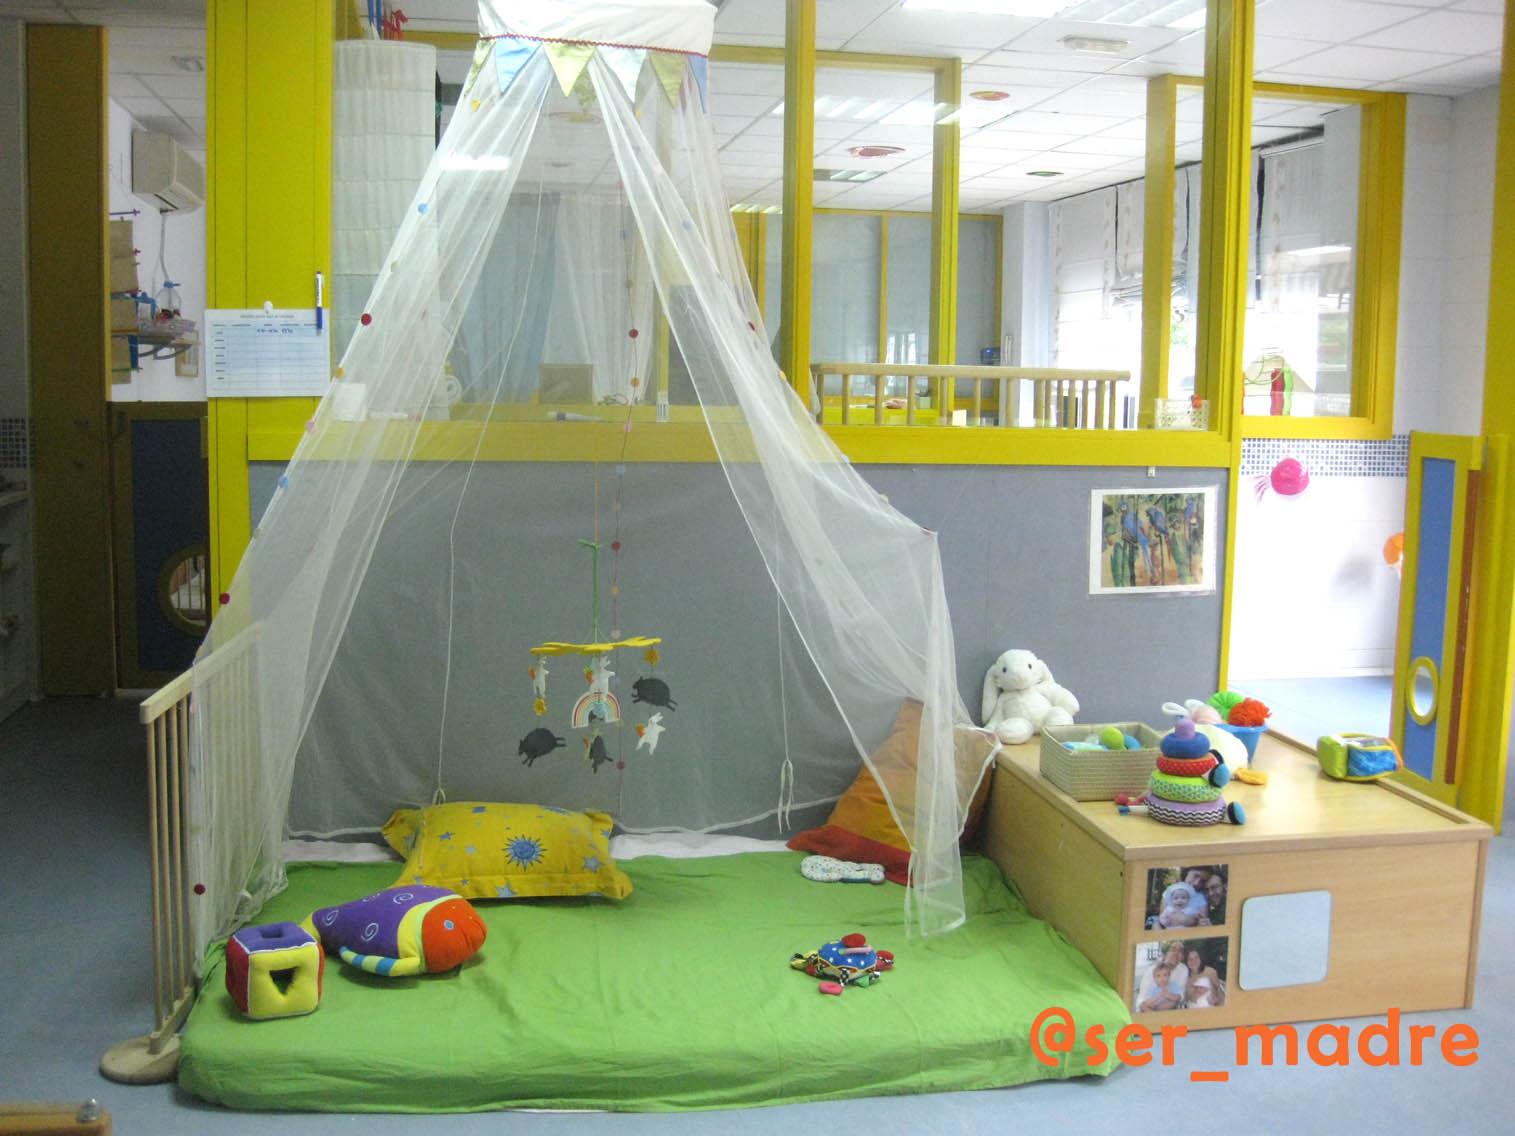 Baños Infantiles Para Guarderias:Aprendiendo a Ser Madre: Escuela Infantil vs Guardería